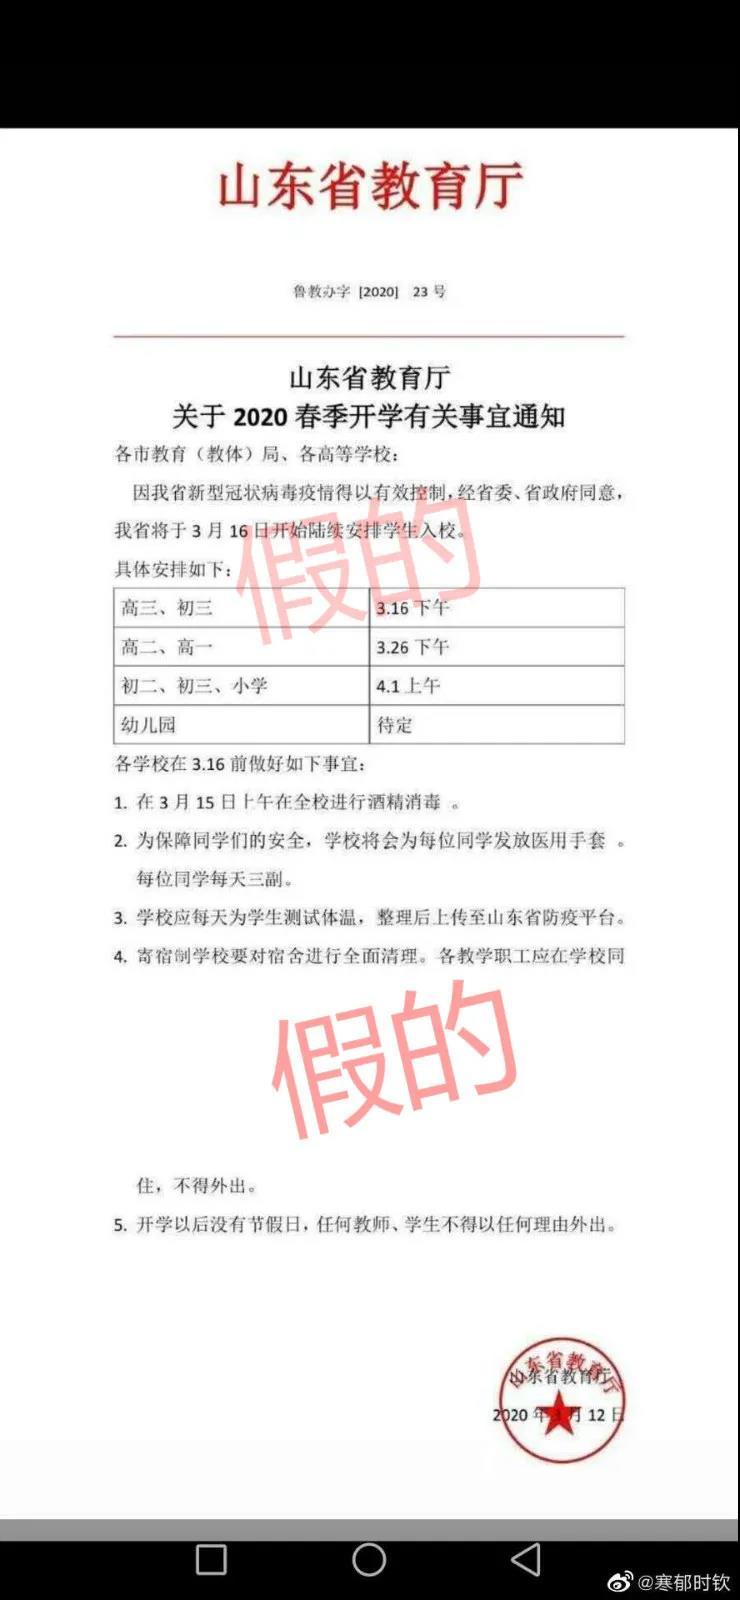 3月16日起陆续安排学生入校?山东省教育厅:假的图片